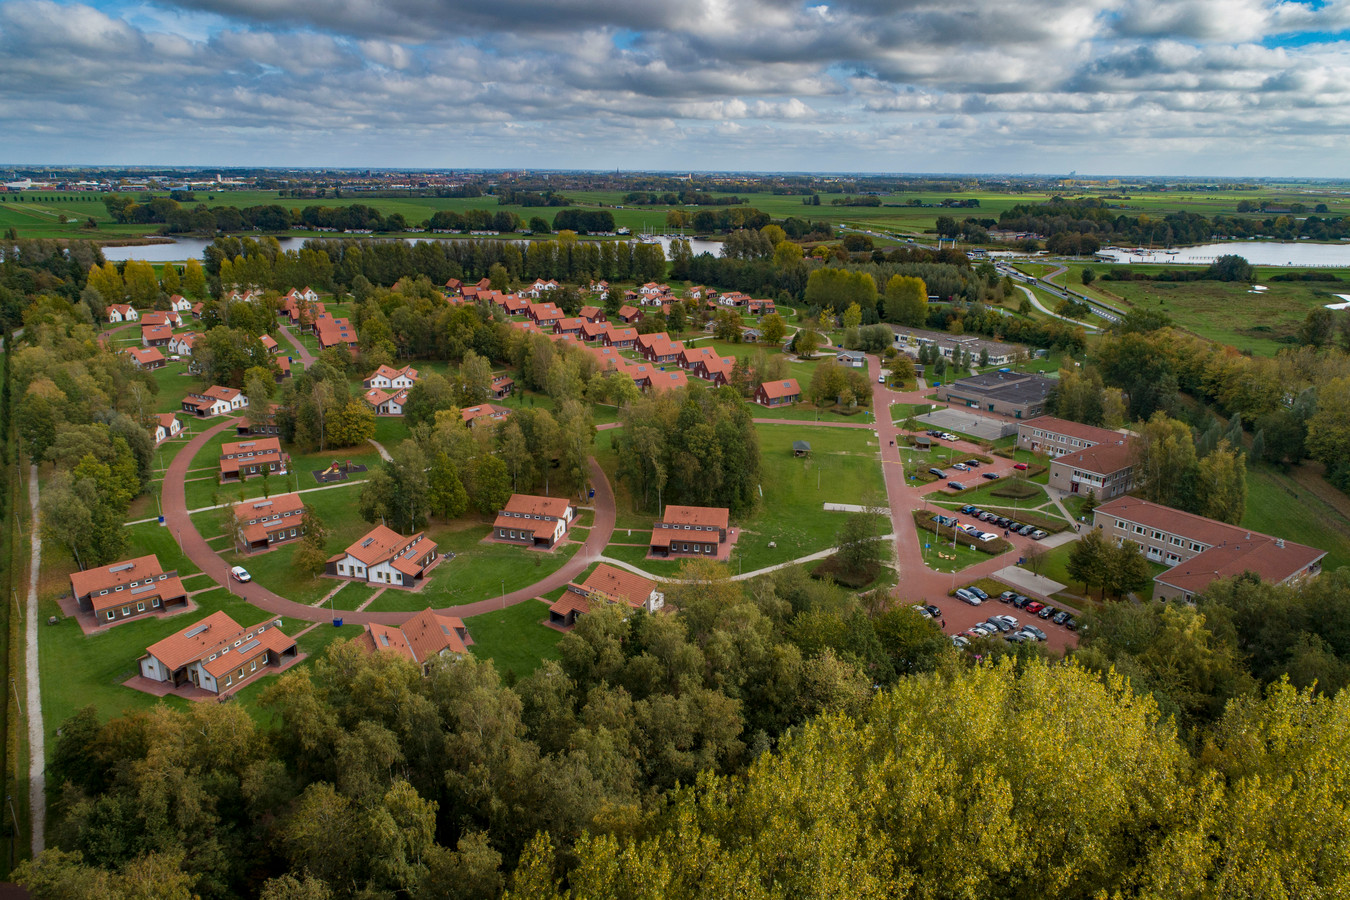 Het asielzoekerscentrum tussen Dronten en Kampen, vanuit de lucht.